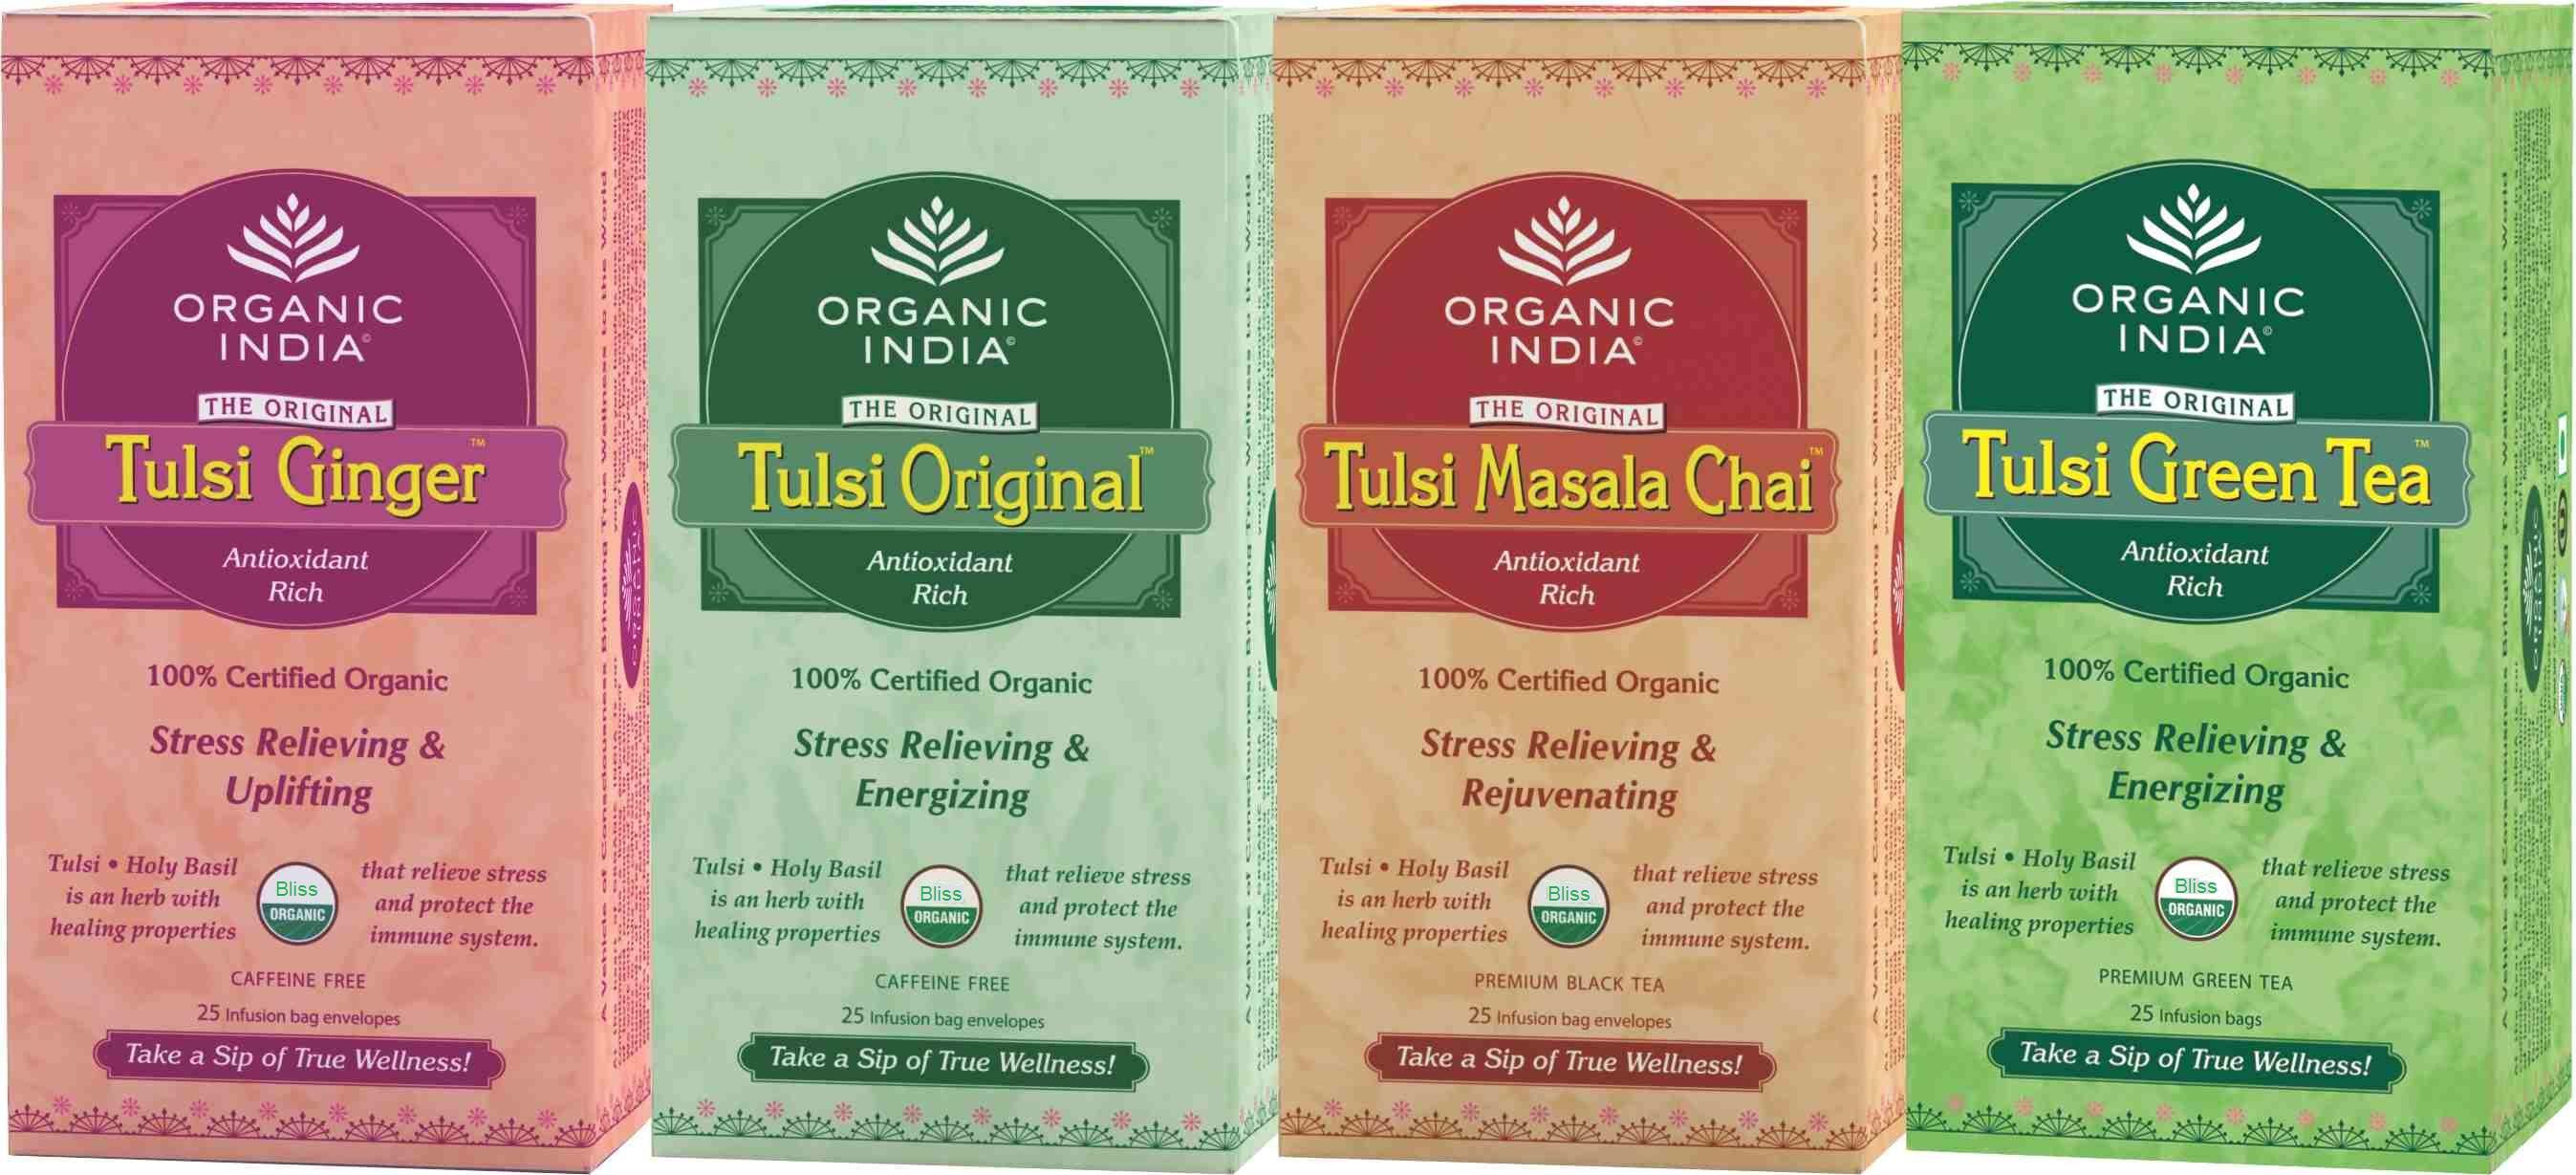 Coffee organic tea - Coffee Organic Tea 12